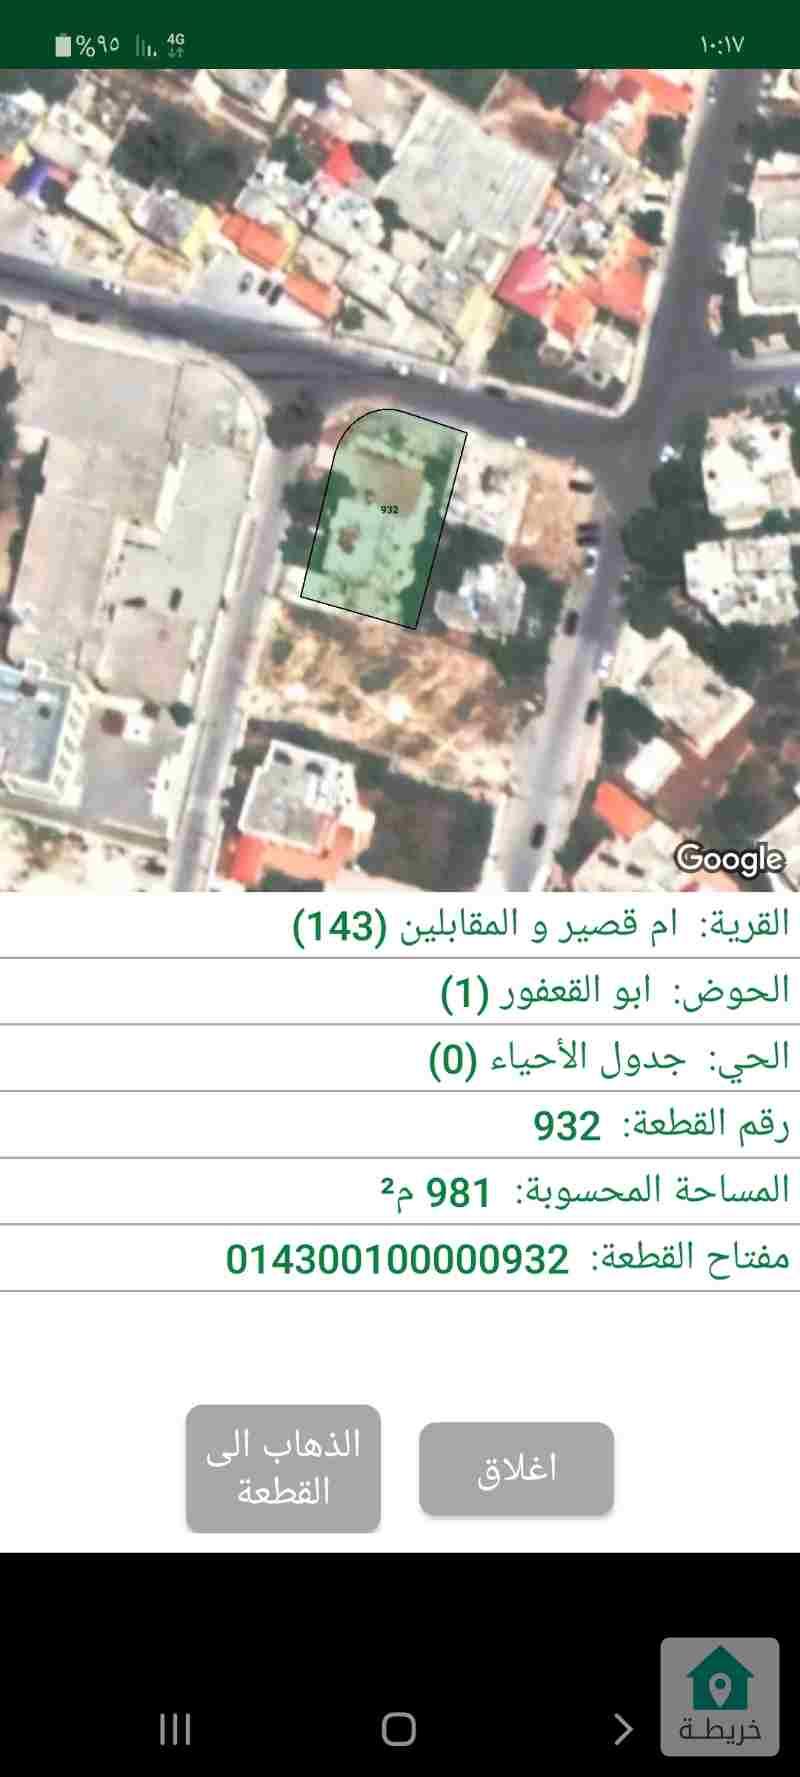 أرض سكنية للبيع في جويدة مقابل مدارس اسكان المالية بسعر لقطة